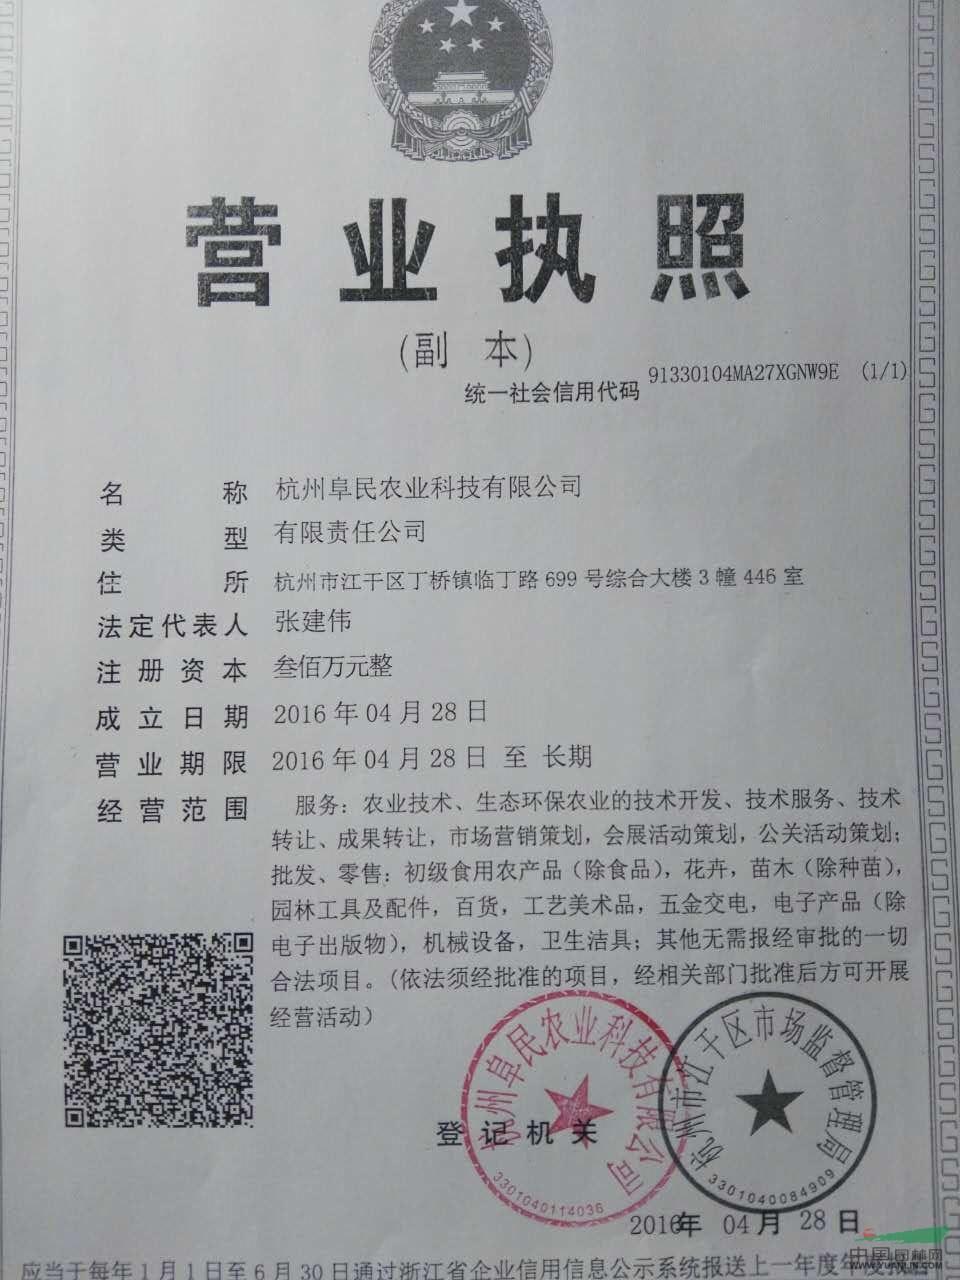 杭州阜民农业科技有限公司 - 中国园林网会员认